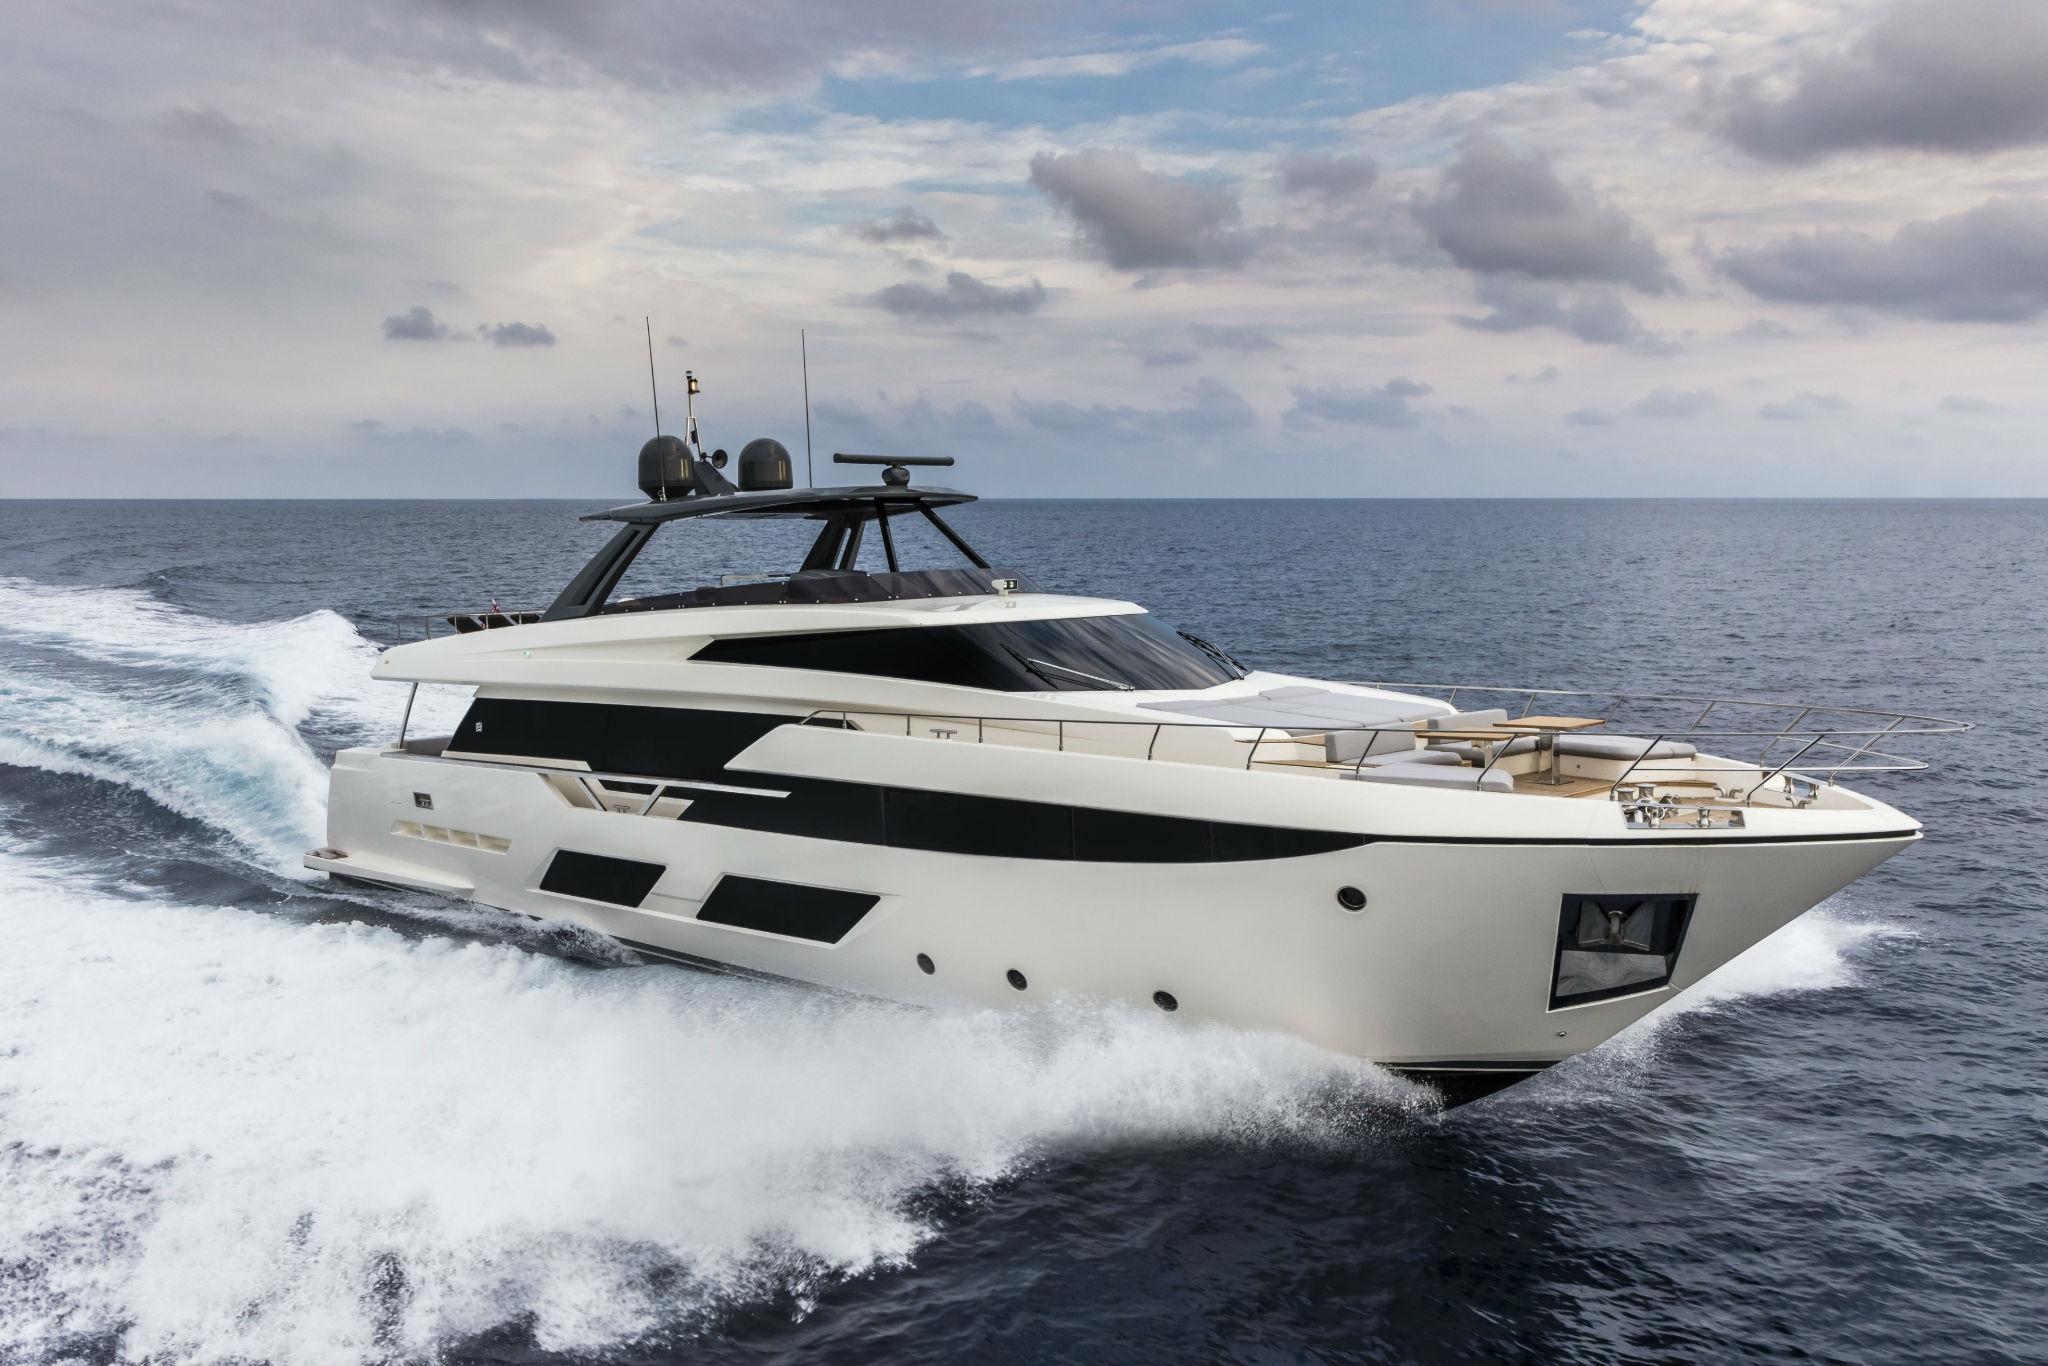 Ferretti Yachts 920, un gigante náutico de gran impacto